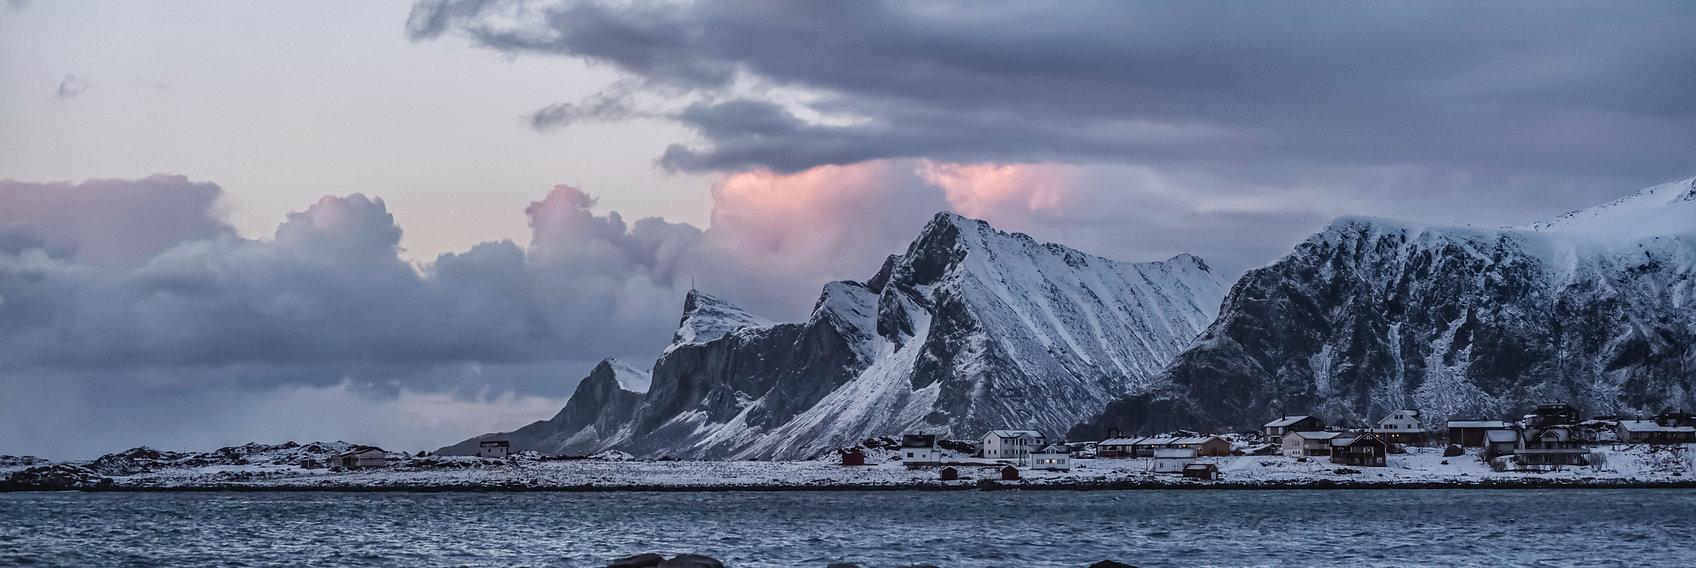 rocky-mountain-near-body-of-water-under-